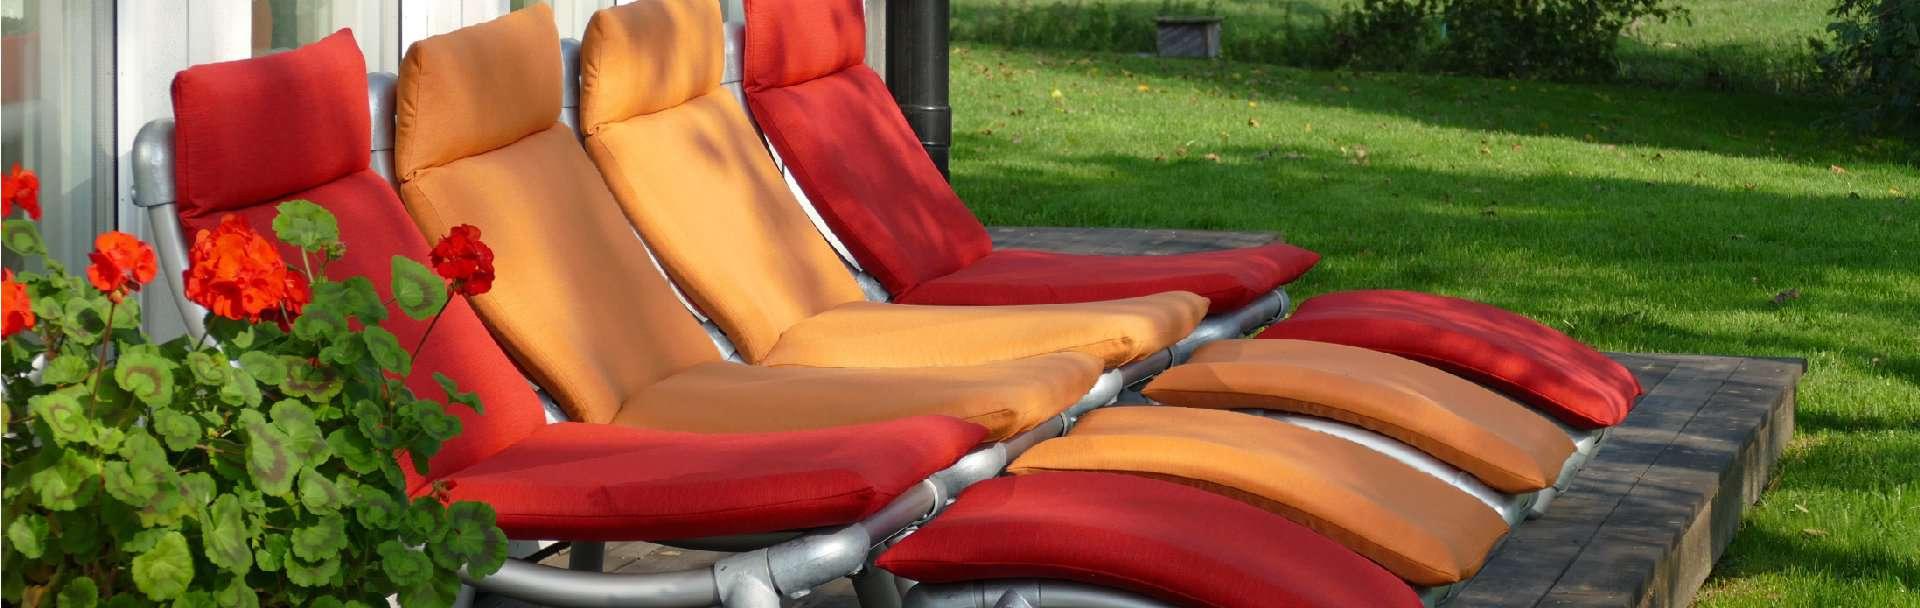 moderne design lounge stoelen voor buiten in de tuin. Een bijpassend voetenbankje ervoor .